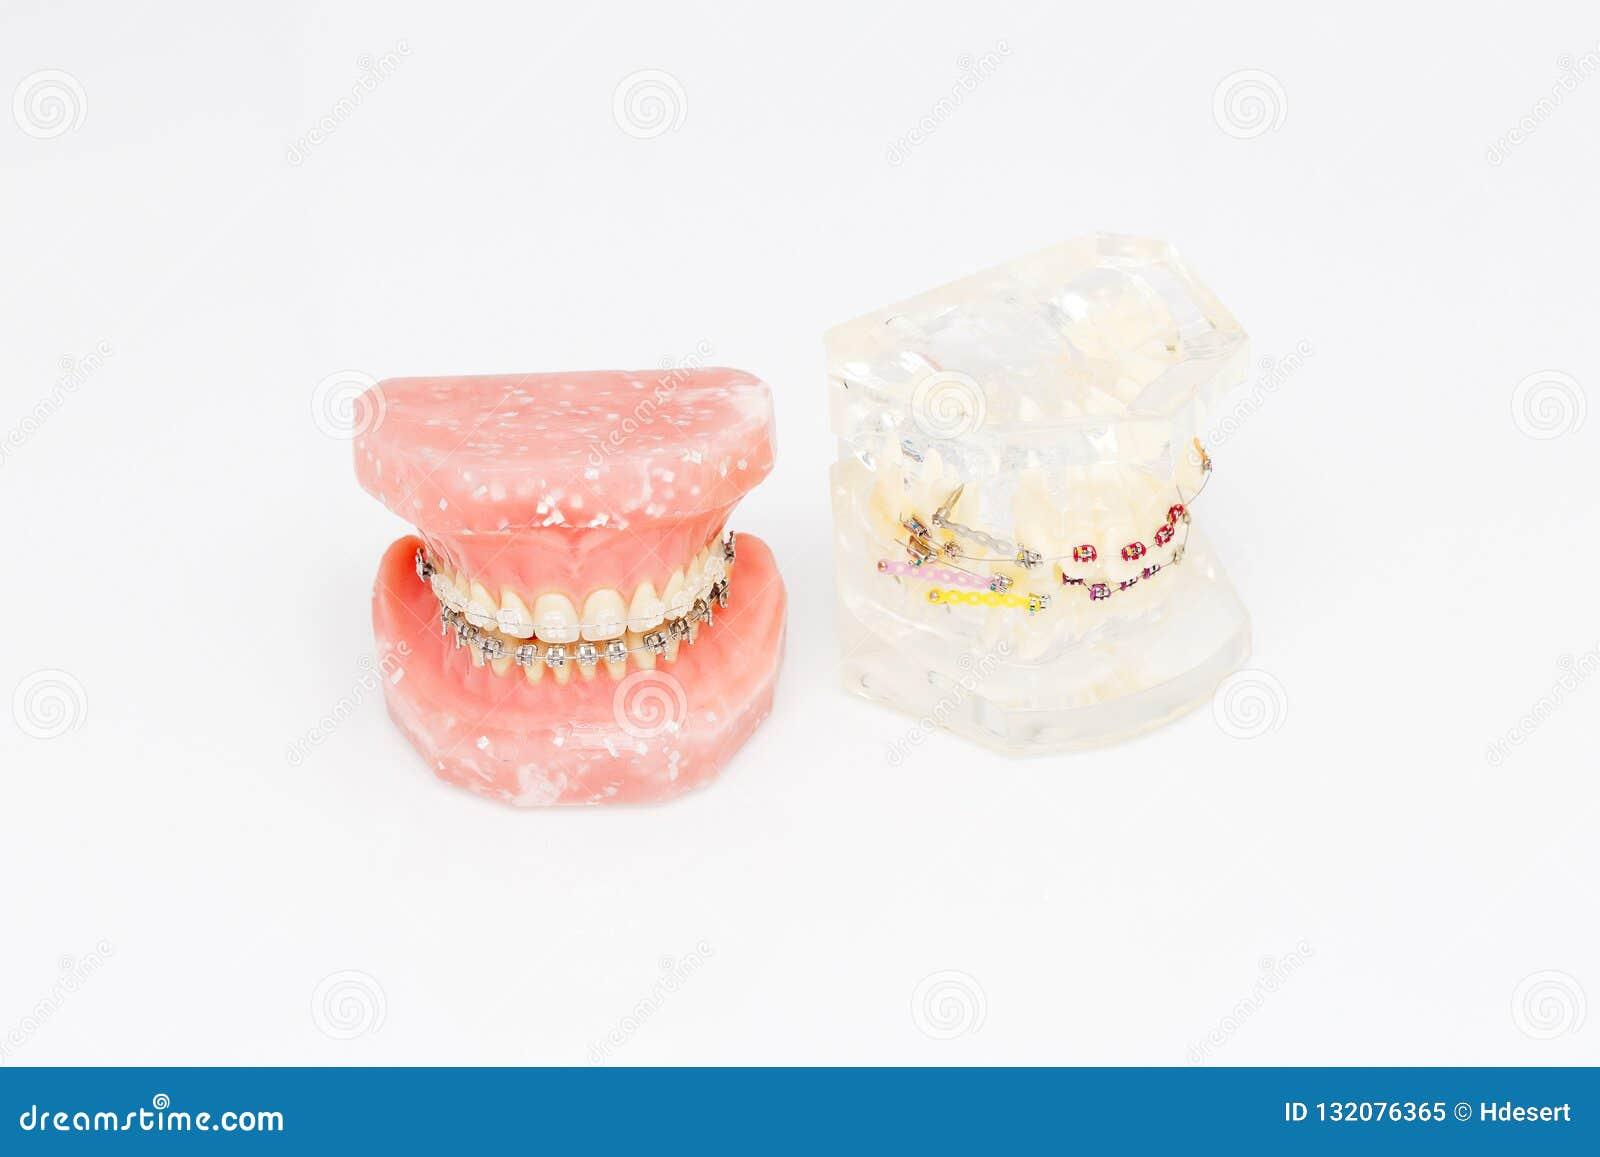 Modelo dental ortodôntico dos dentes humanos com implantes, cintas dentais